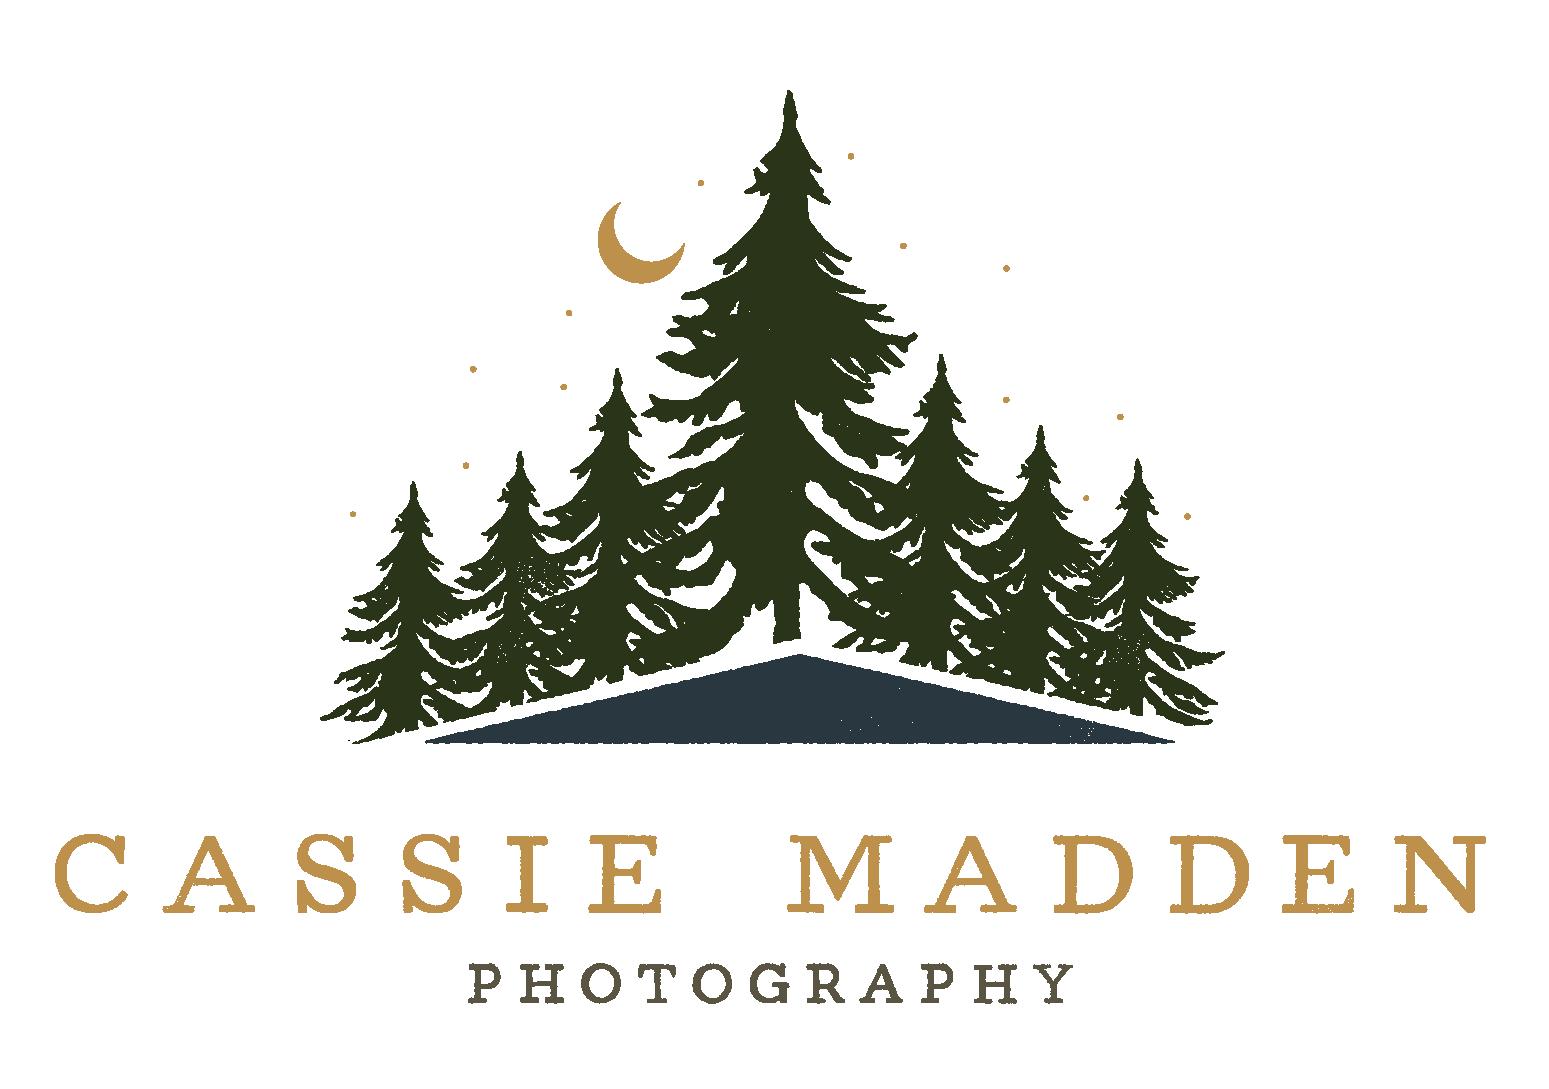 Cassie Madden Photography